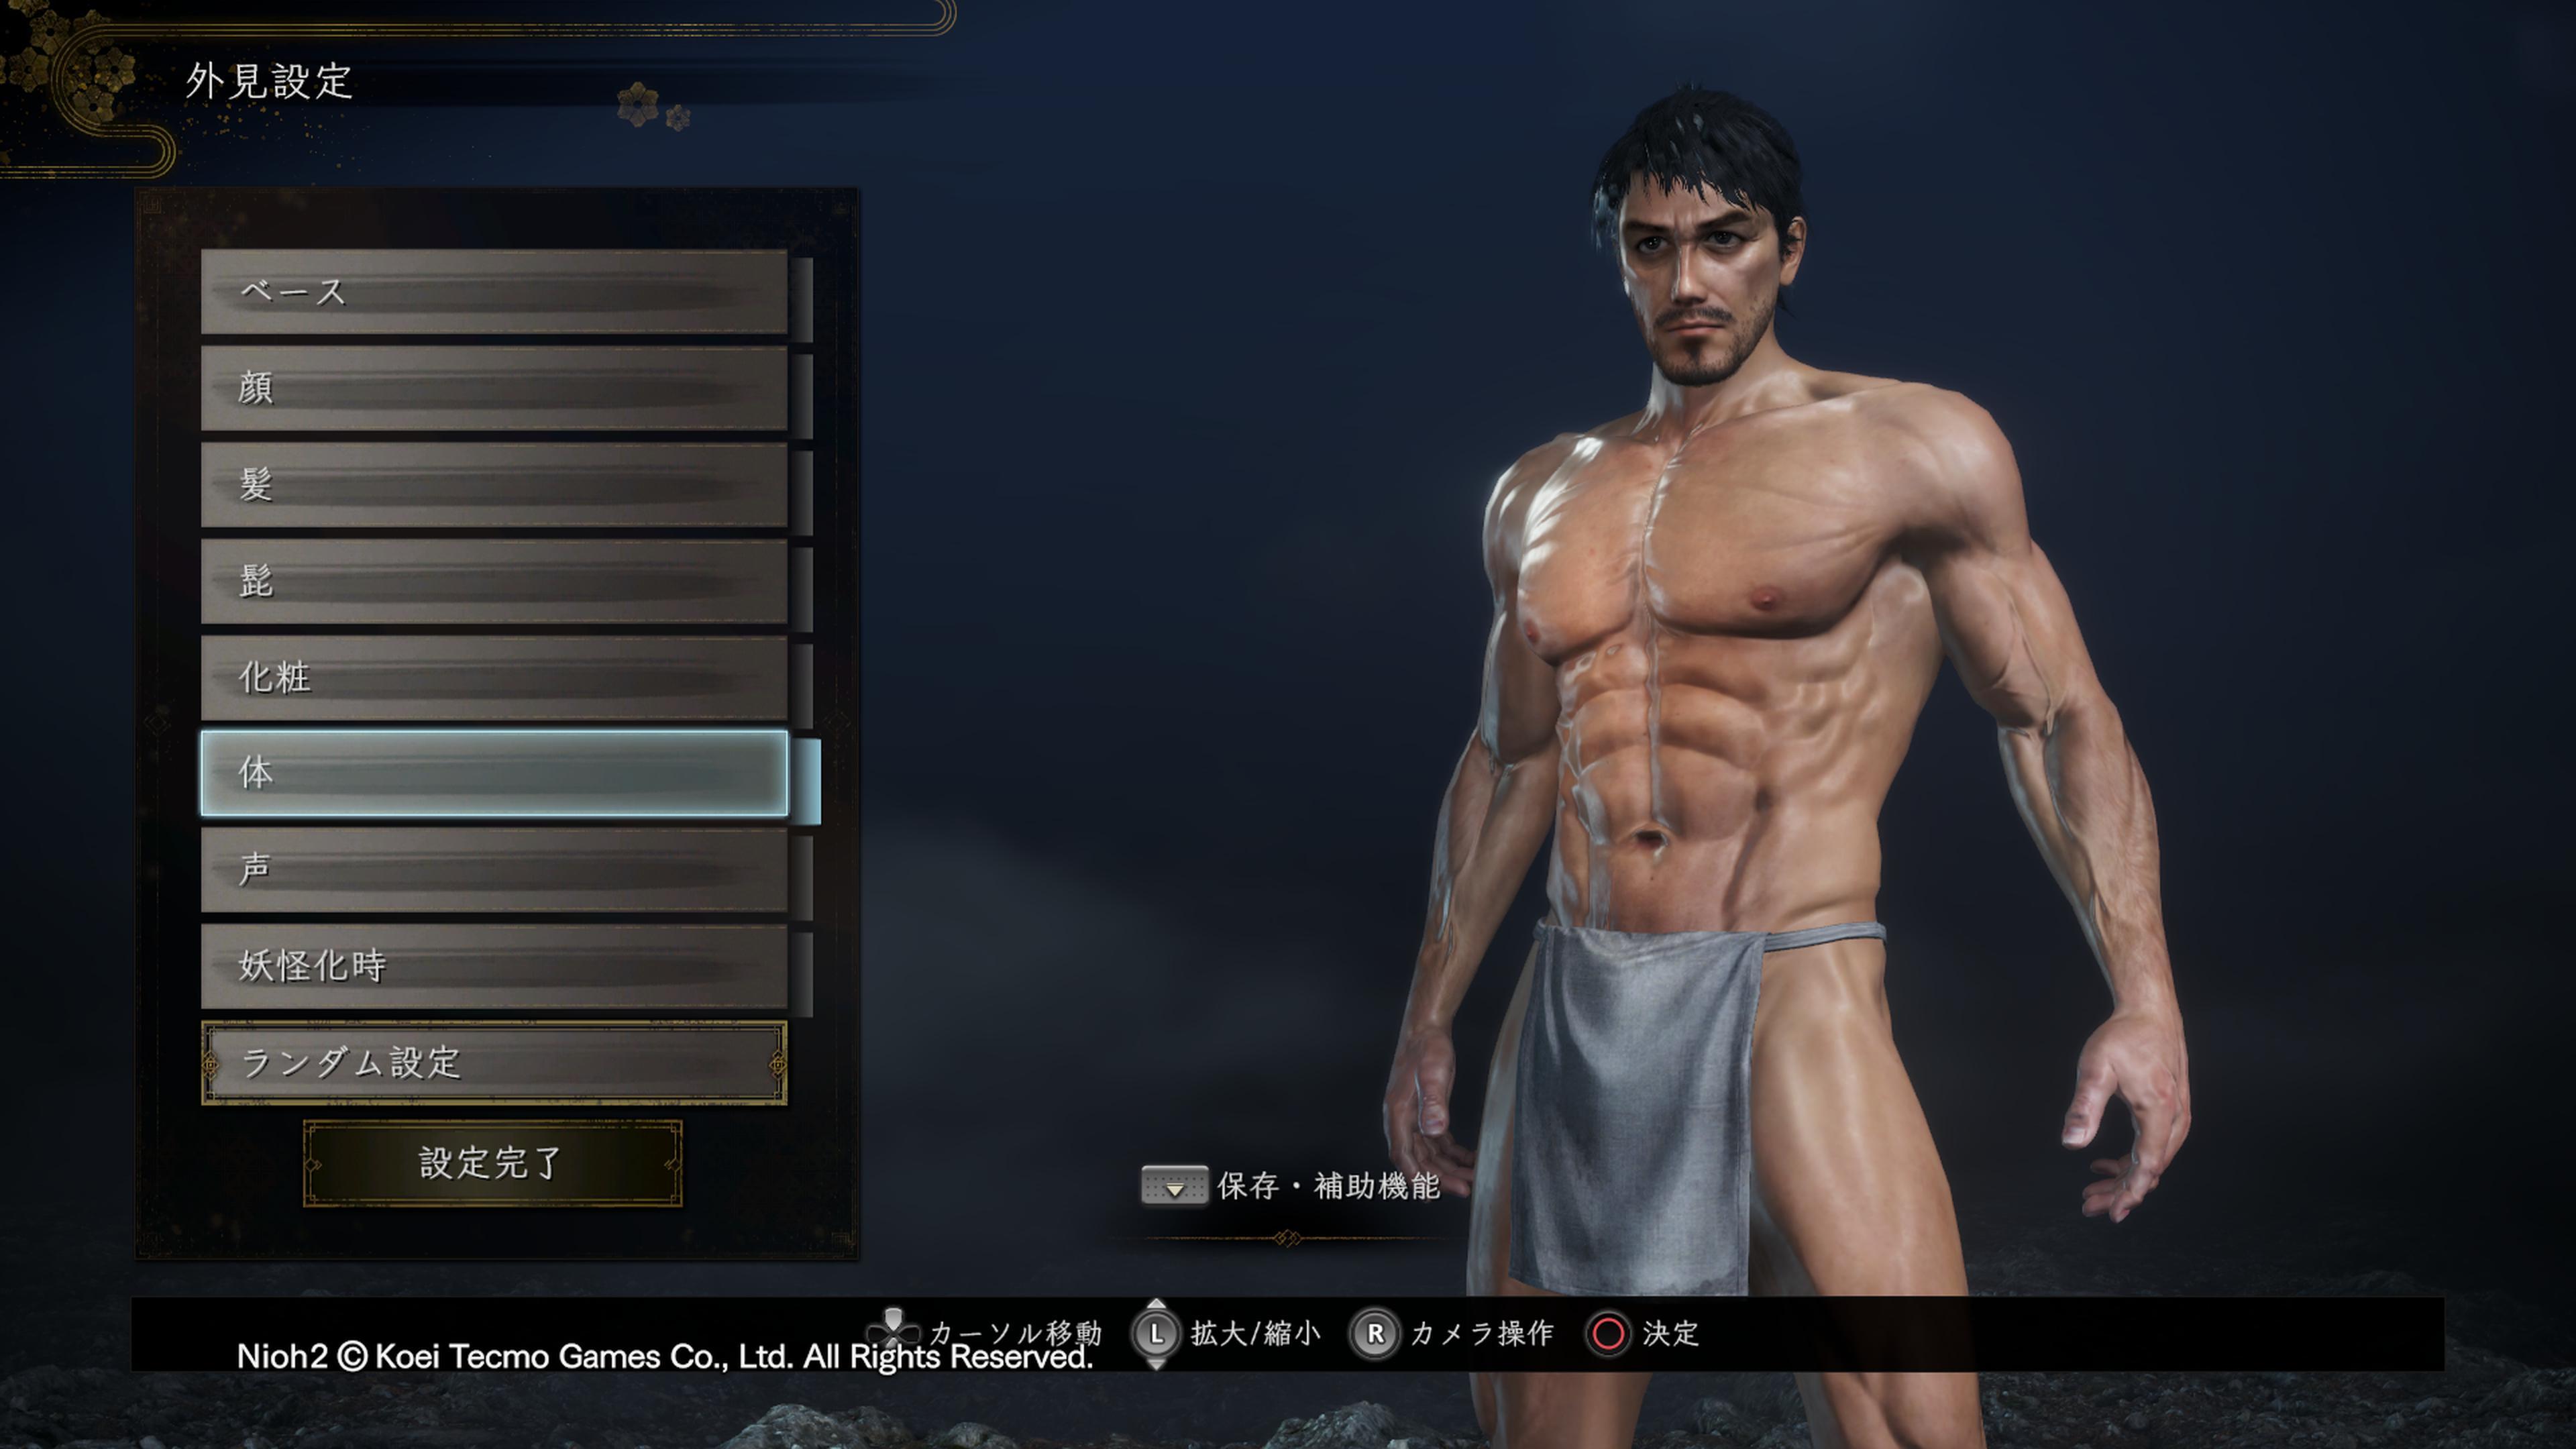 日本網友用遊戲「模擬市民4」和「仁王2」捏出阿部寬的造型!天啊真的超像! EokvxE1U0AUsbQv?format=jpg&name=4096x4096